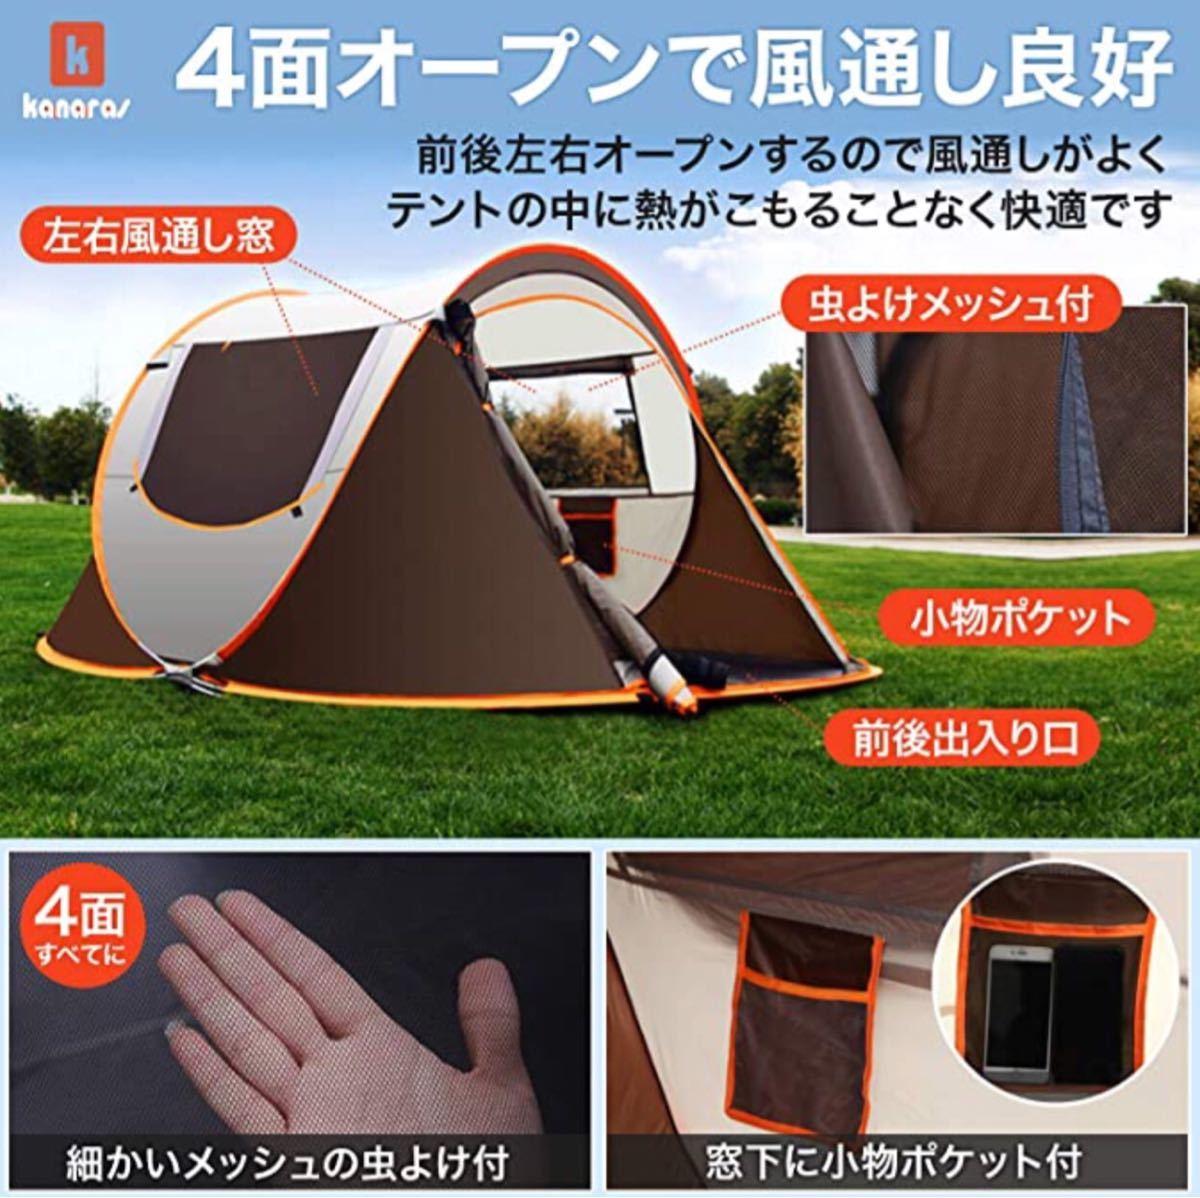 ワンタッチテント・ポップアップテント・キャンプ・3−4人・防水・イベント・茶色